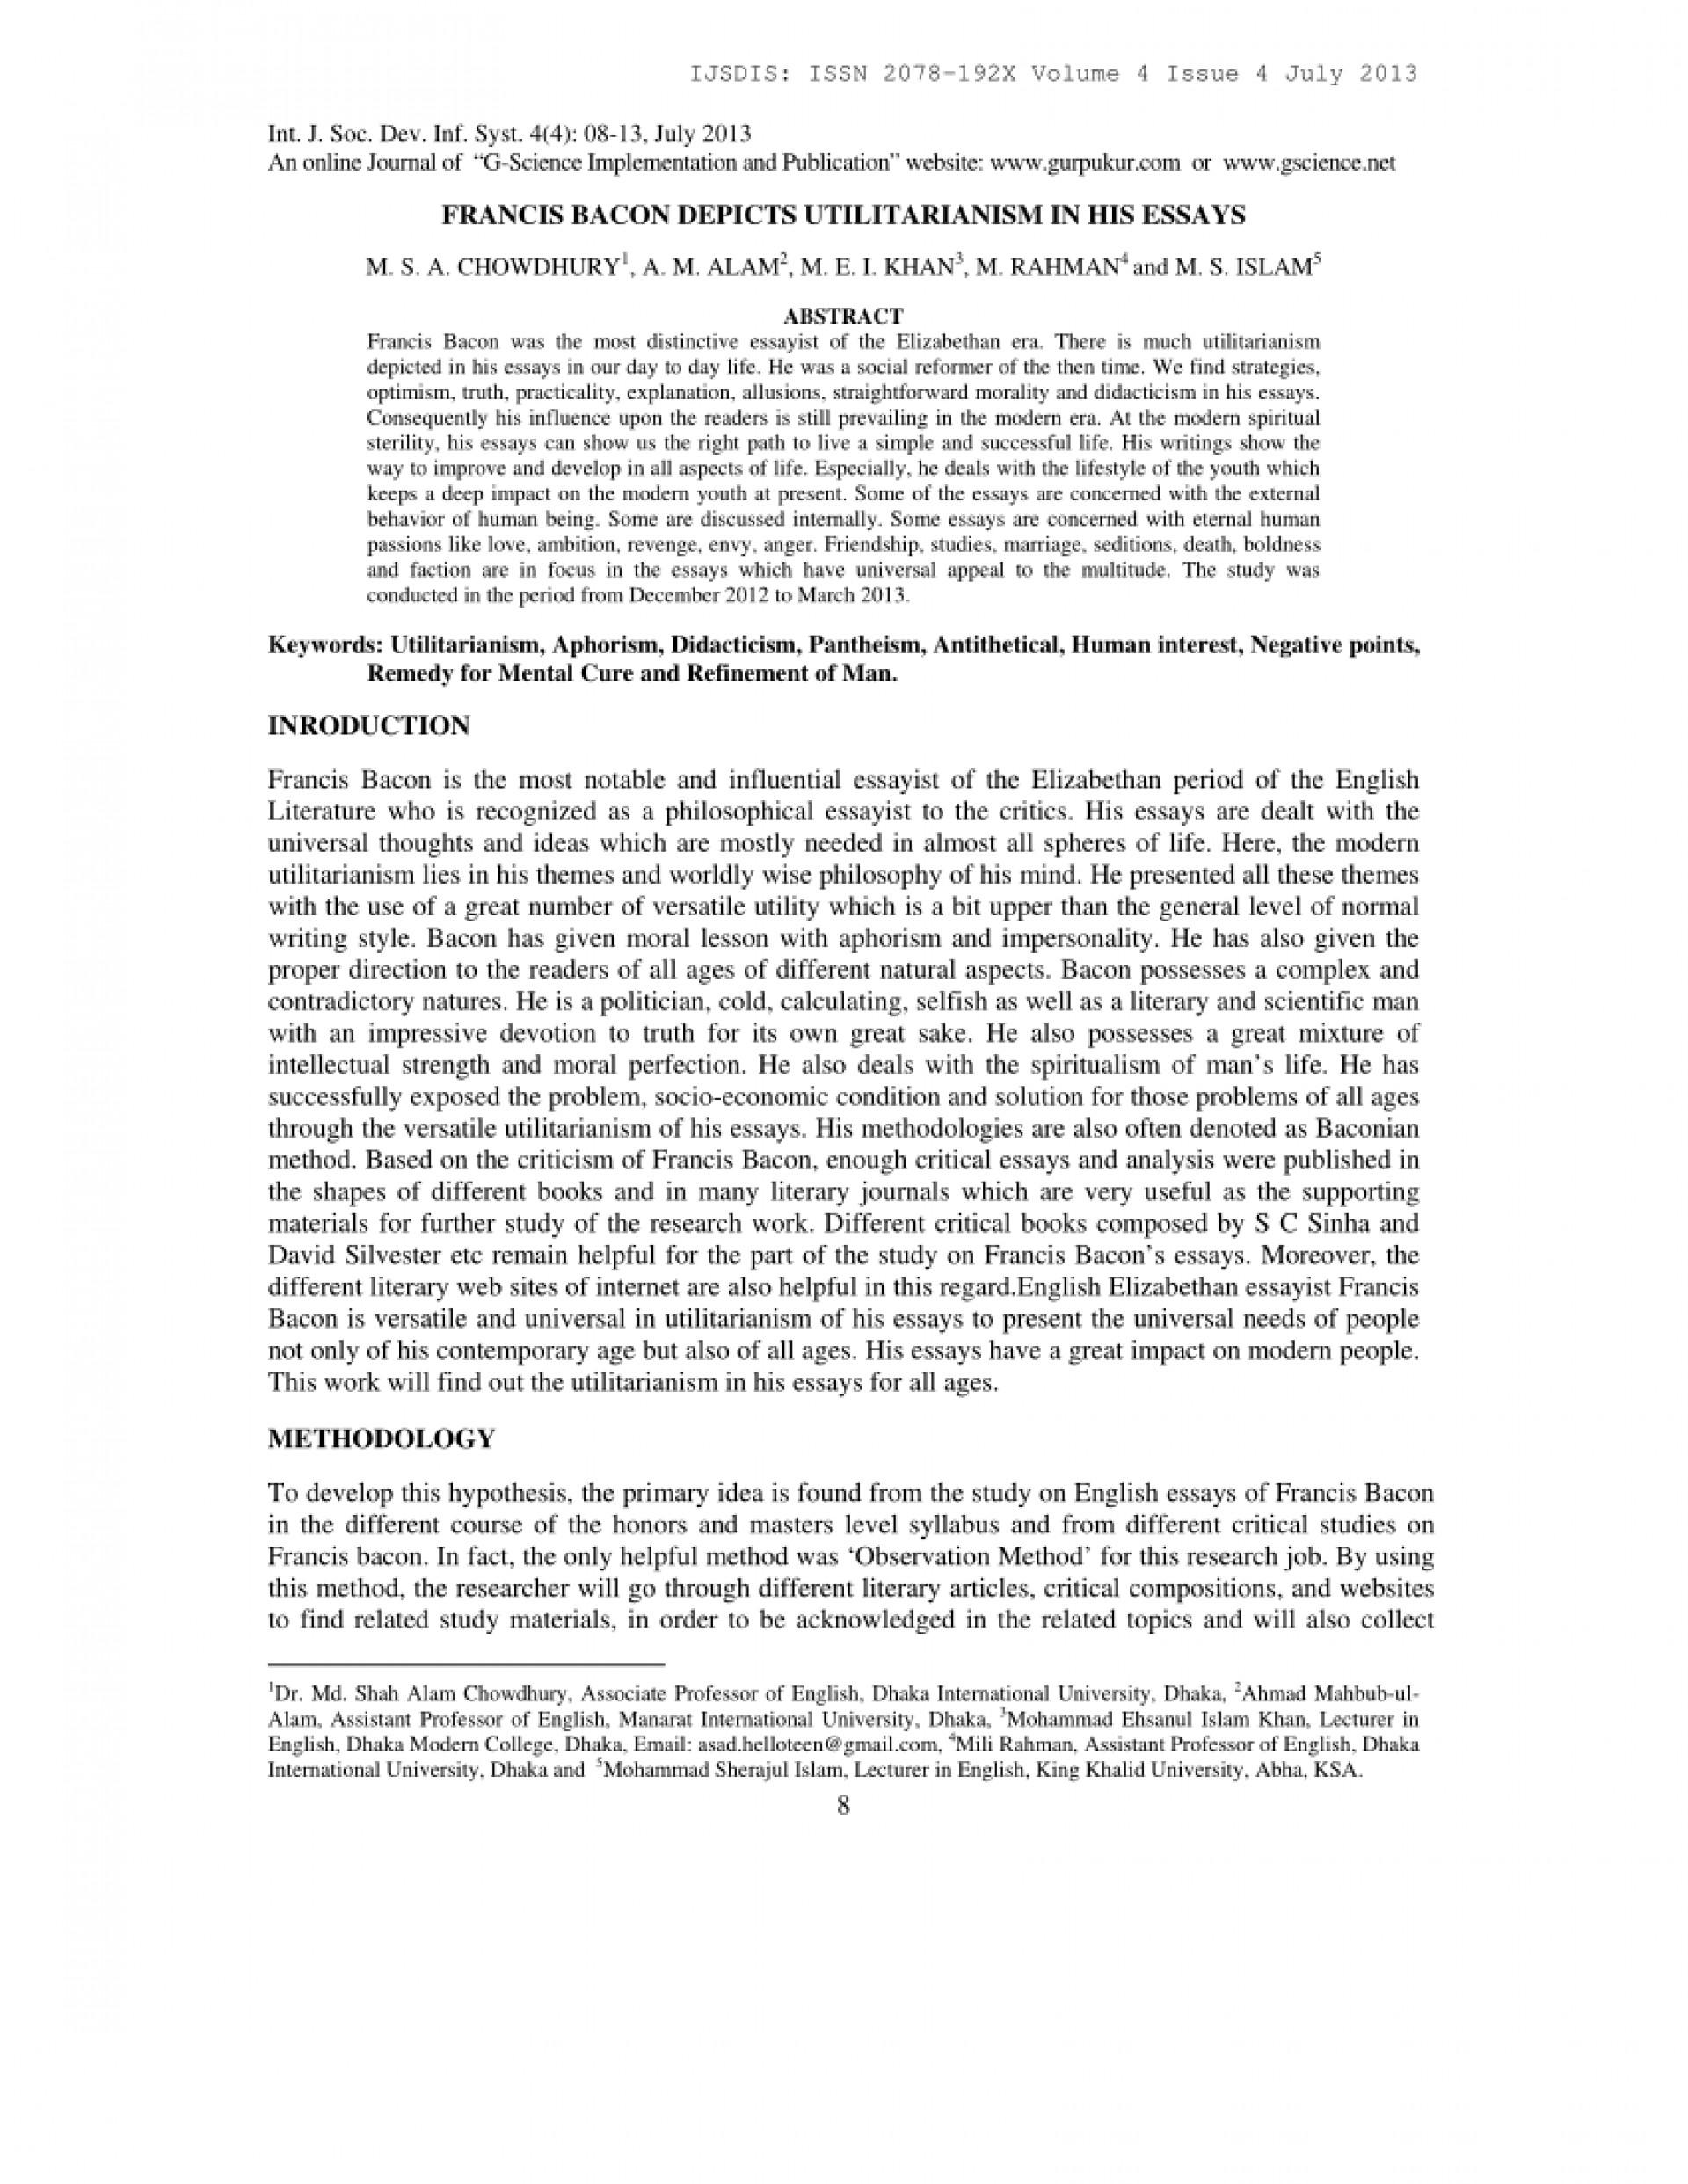 016 Bacons Essays Essay Example Amazing Francis Bacon Google Books Of Truth Quiz Bacon's Summary 1920